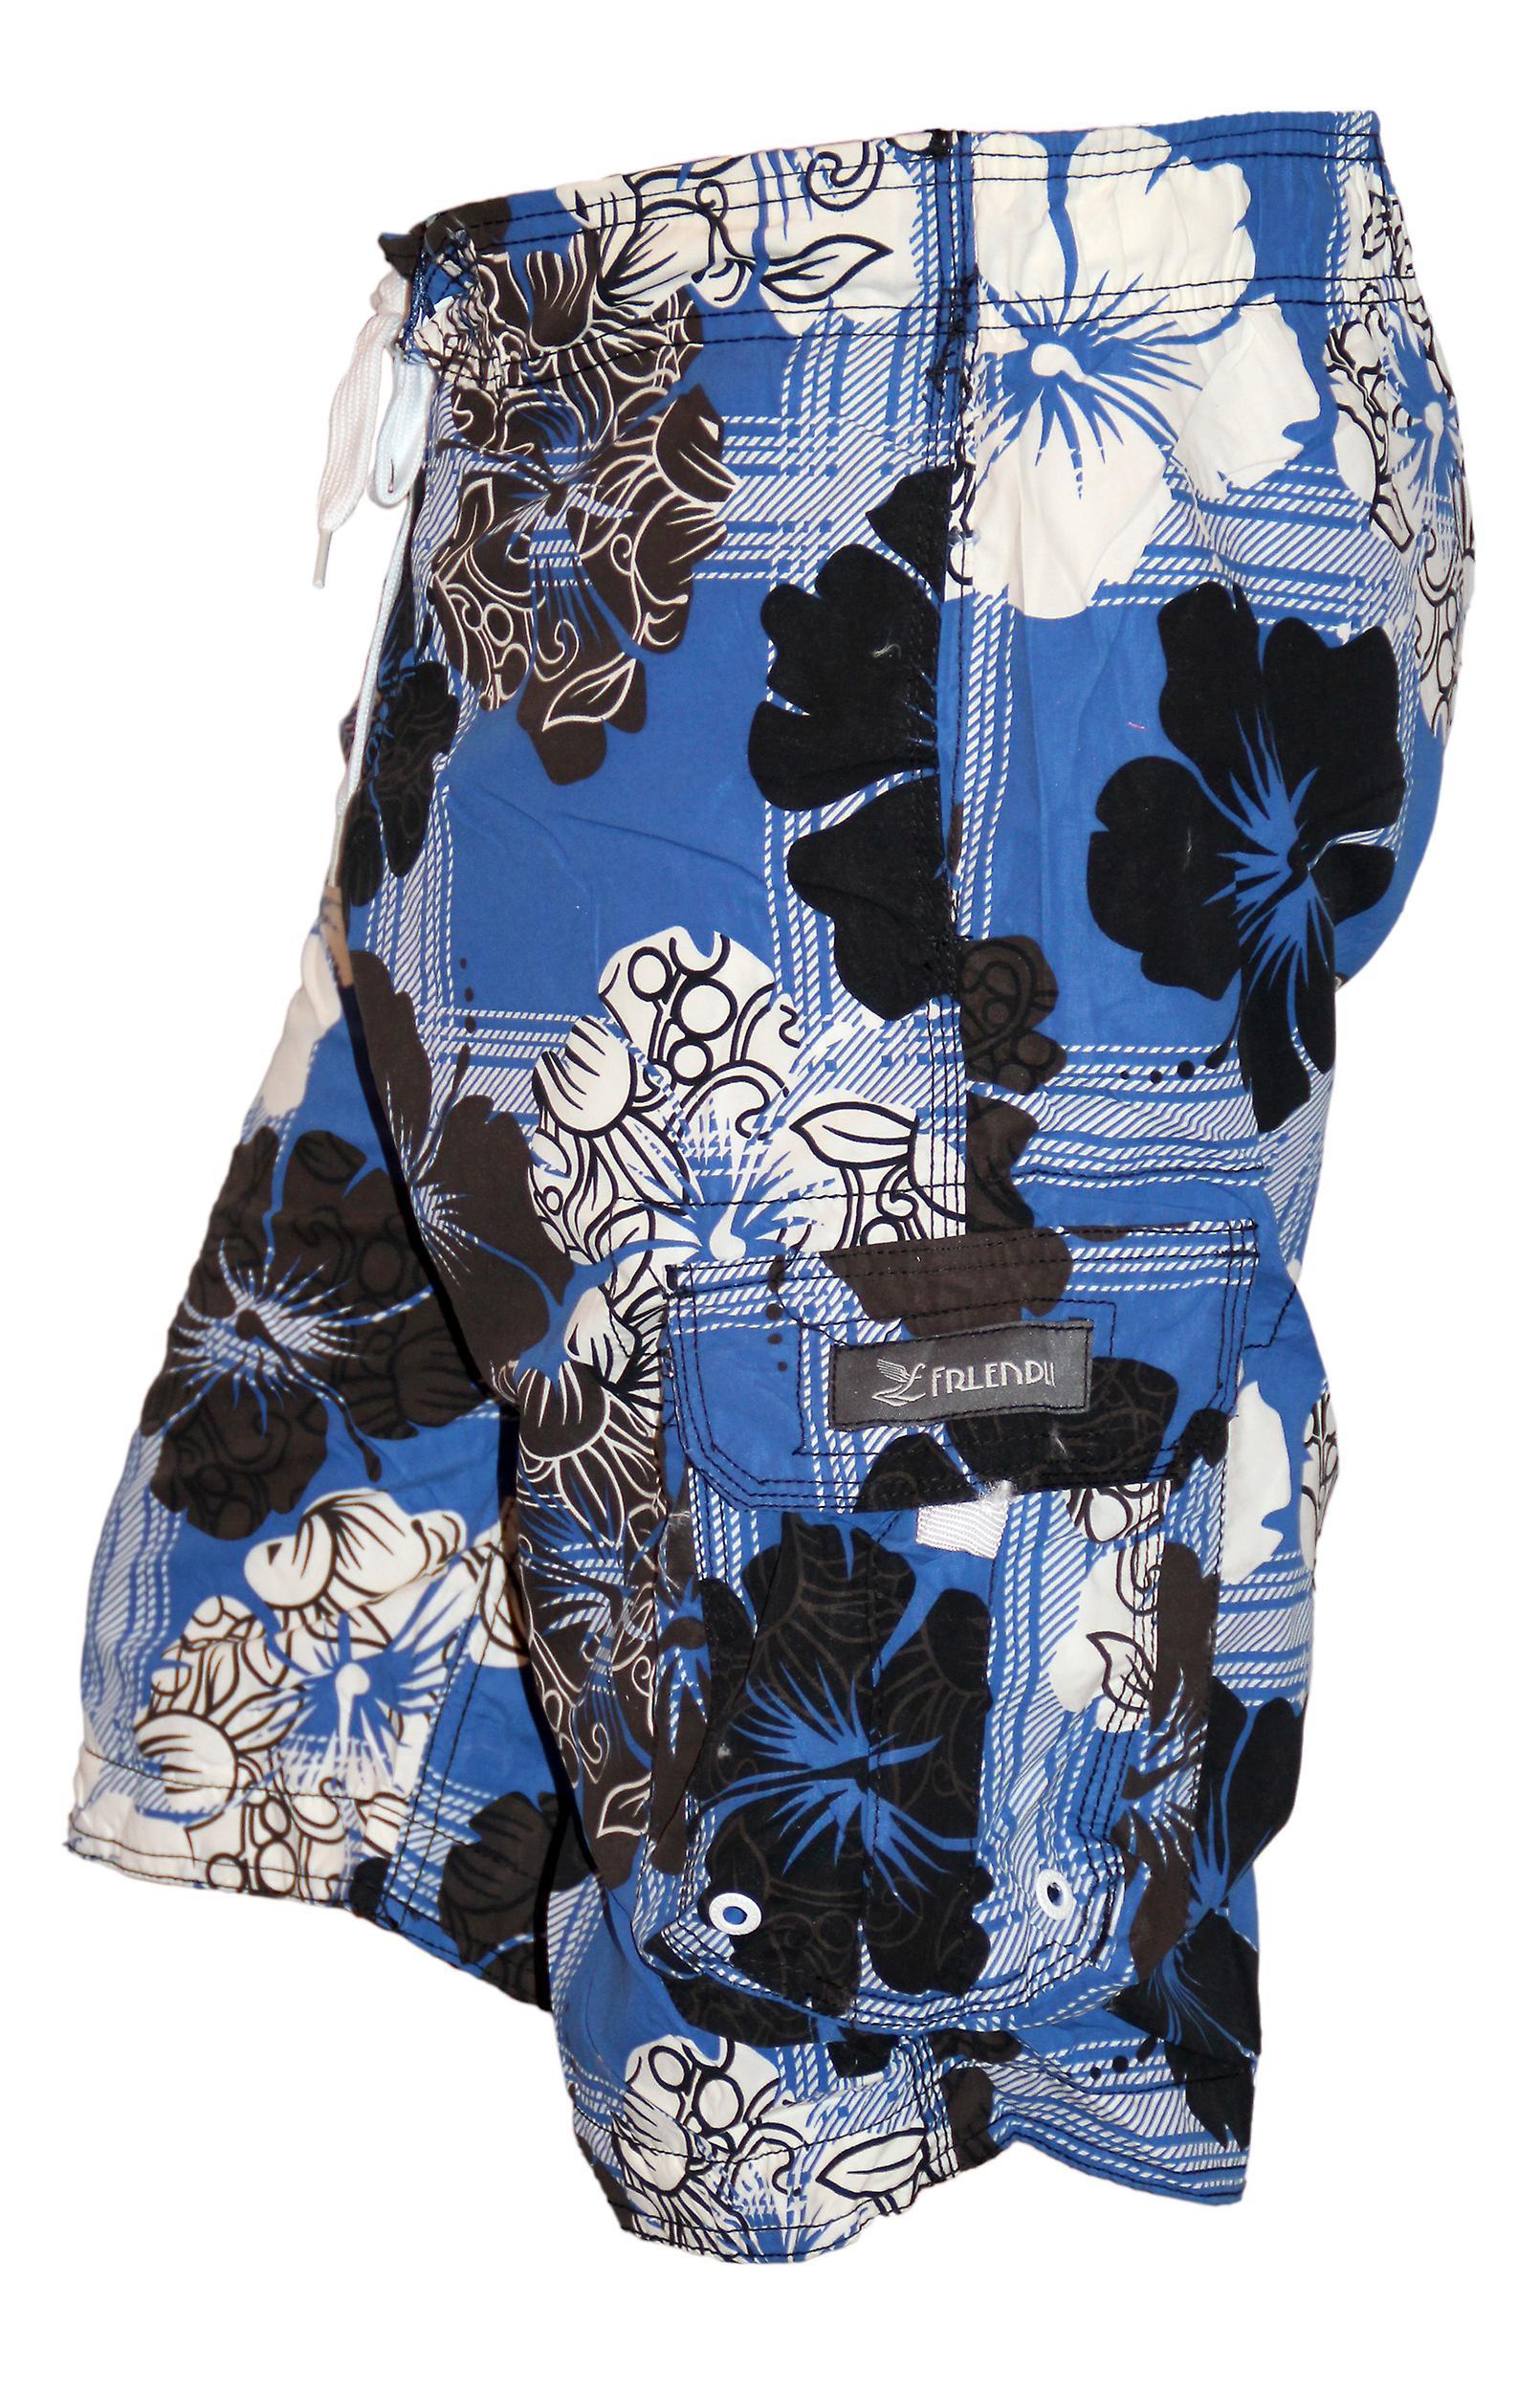 Waooh - Swim Shorts Hawaiian Summer Mylo